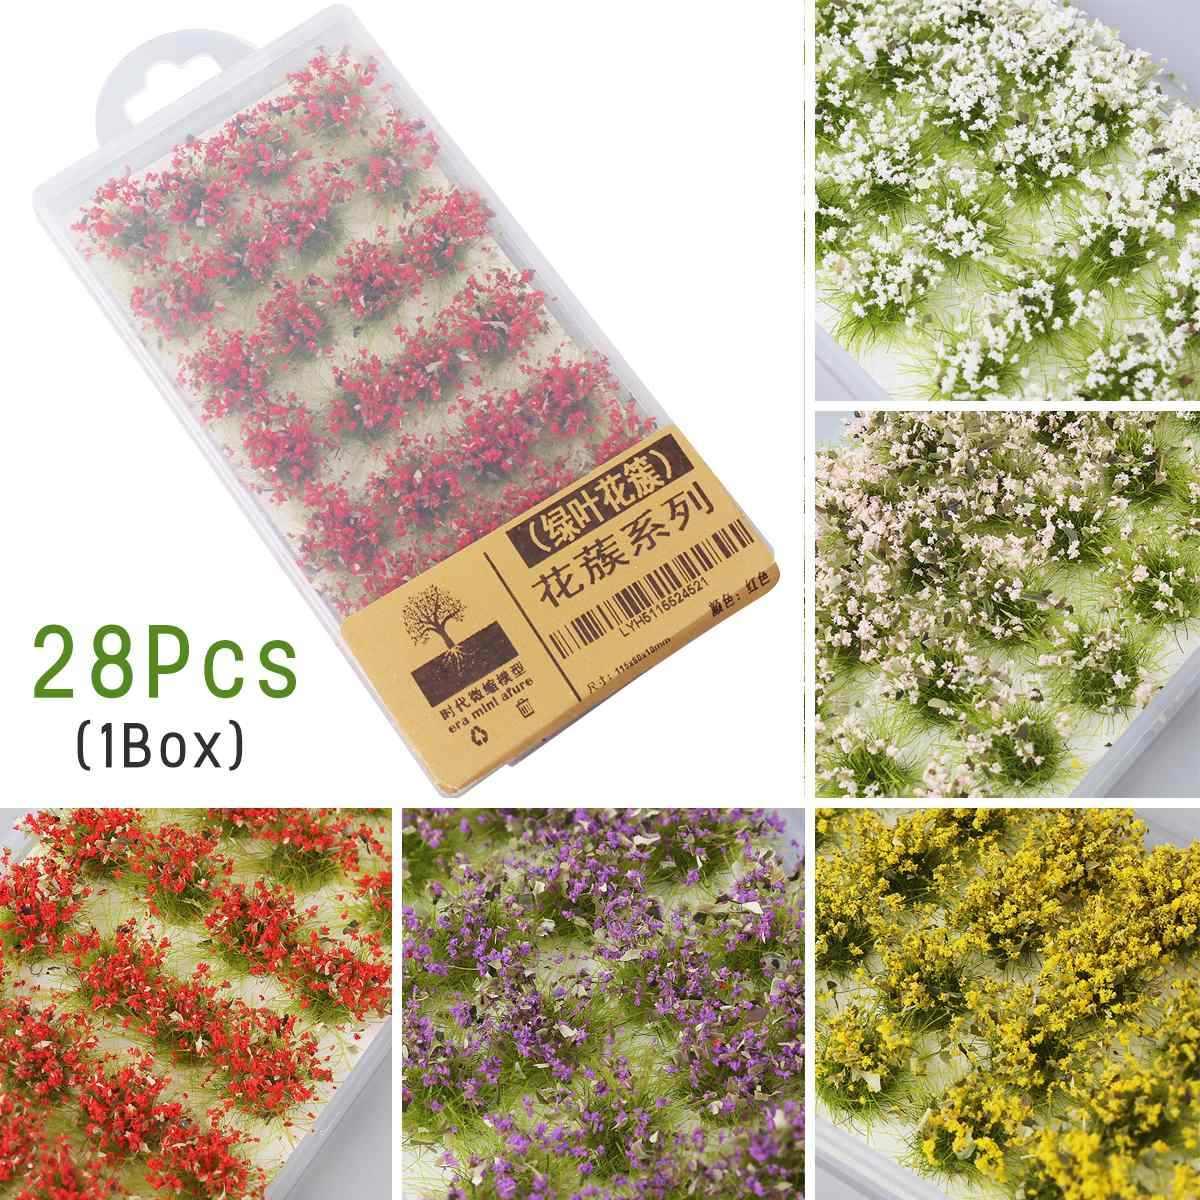 28 sztuk Model scena terenu produkcji sztuczny kwiat klastra dzikiej róży kwiat DIY miniaturowy krajobraz materiał